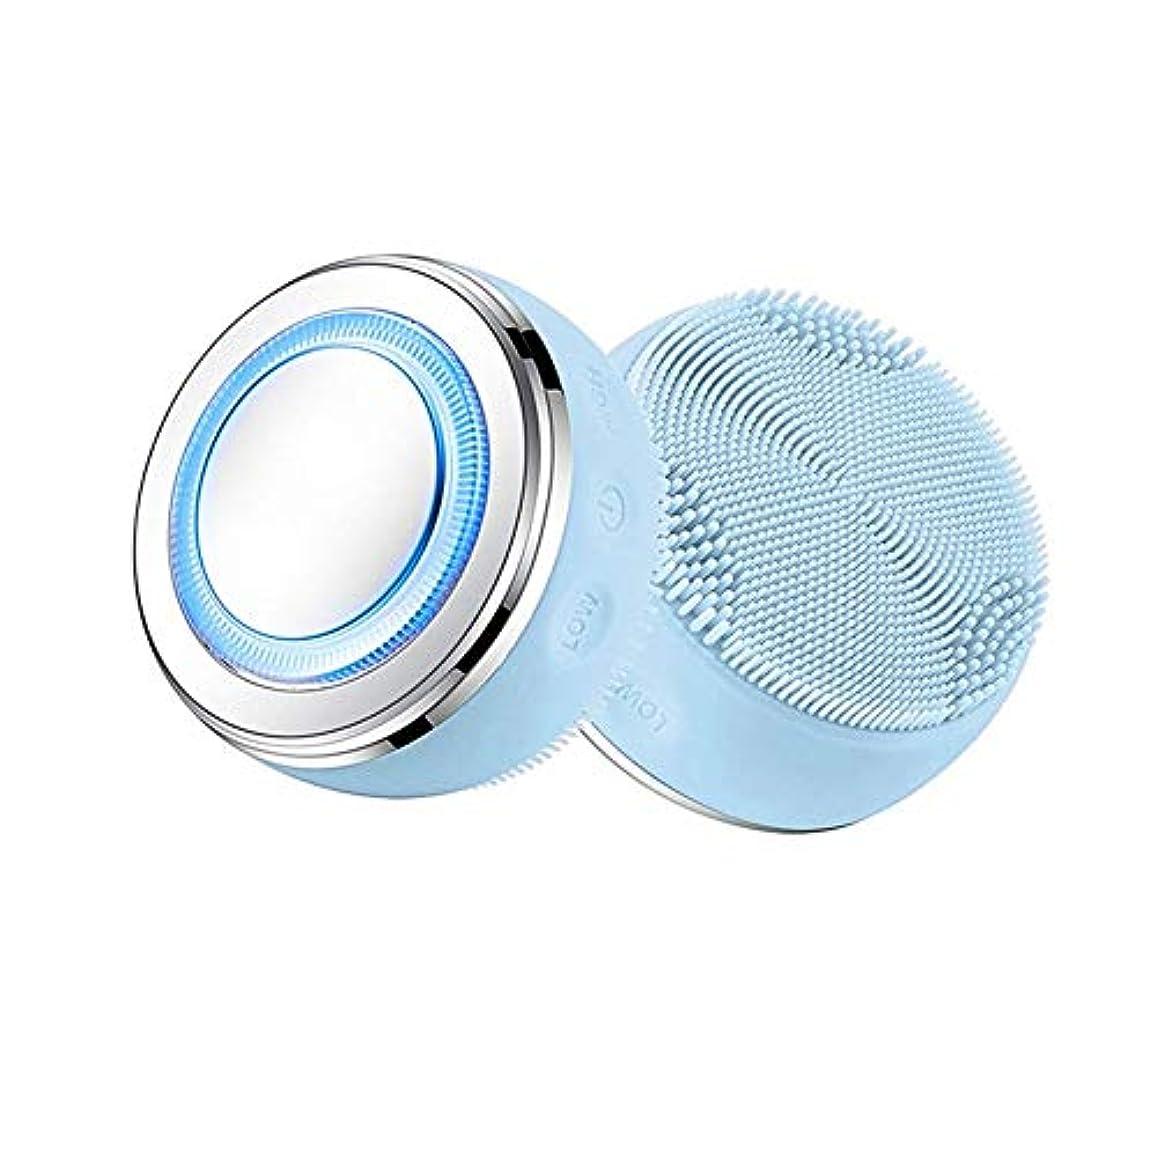 事業内容温度計パットJMY クレンジング器、クレンジングブラシ、ソニックシリコーンスクラバー、フェイシャル?振動マッサージ、ディープクレンジング肌、アンチエイジング、ピーリング(青)